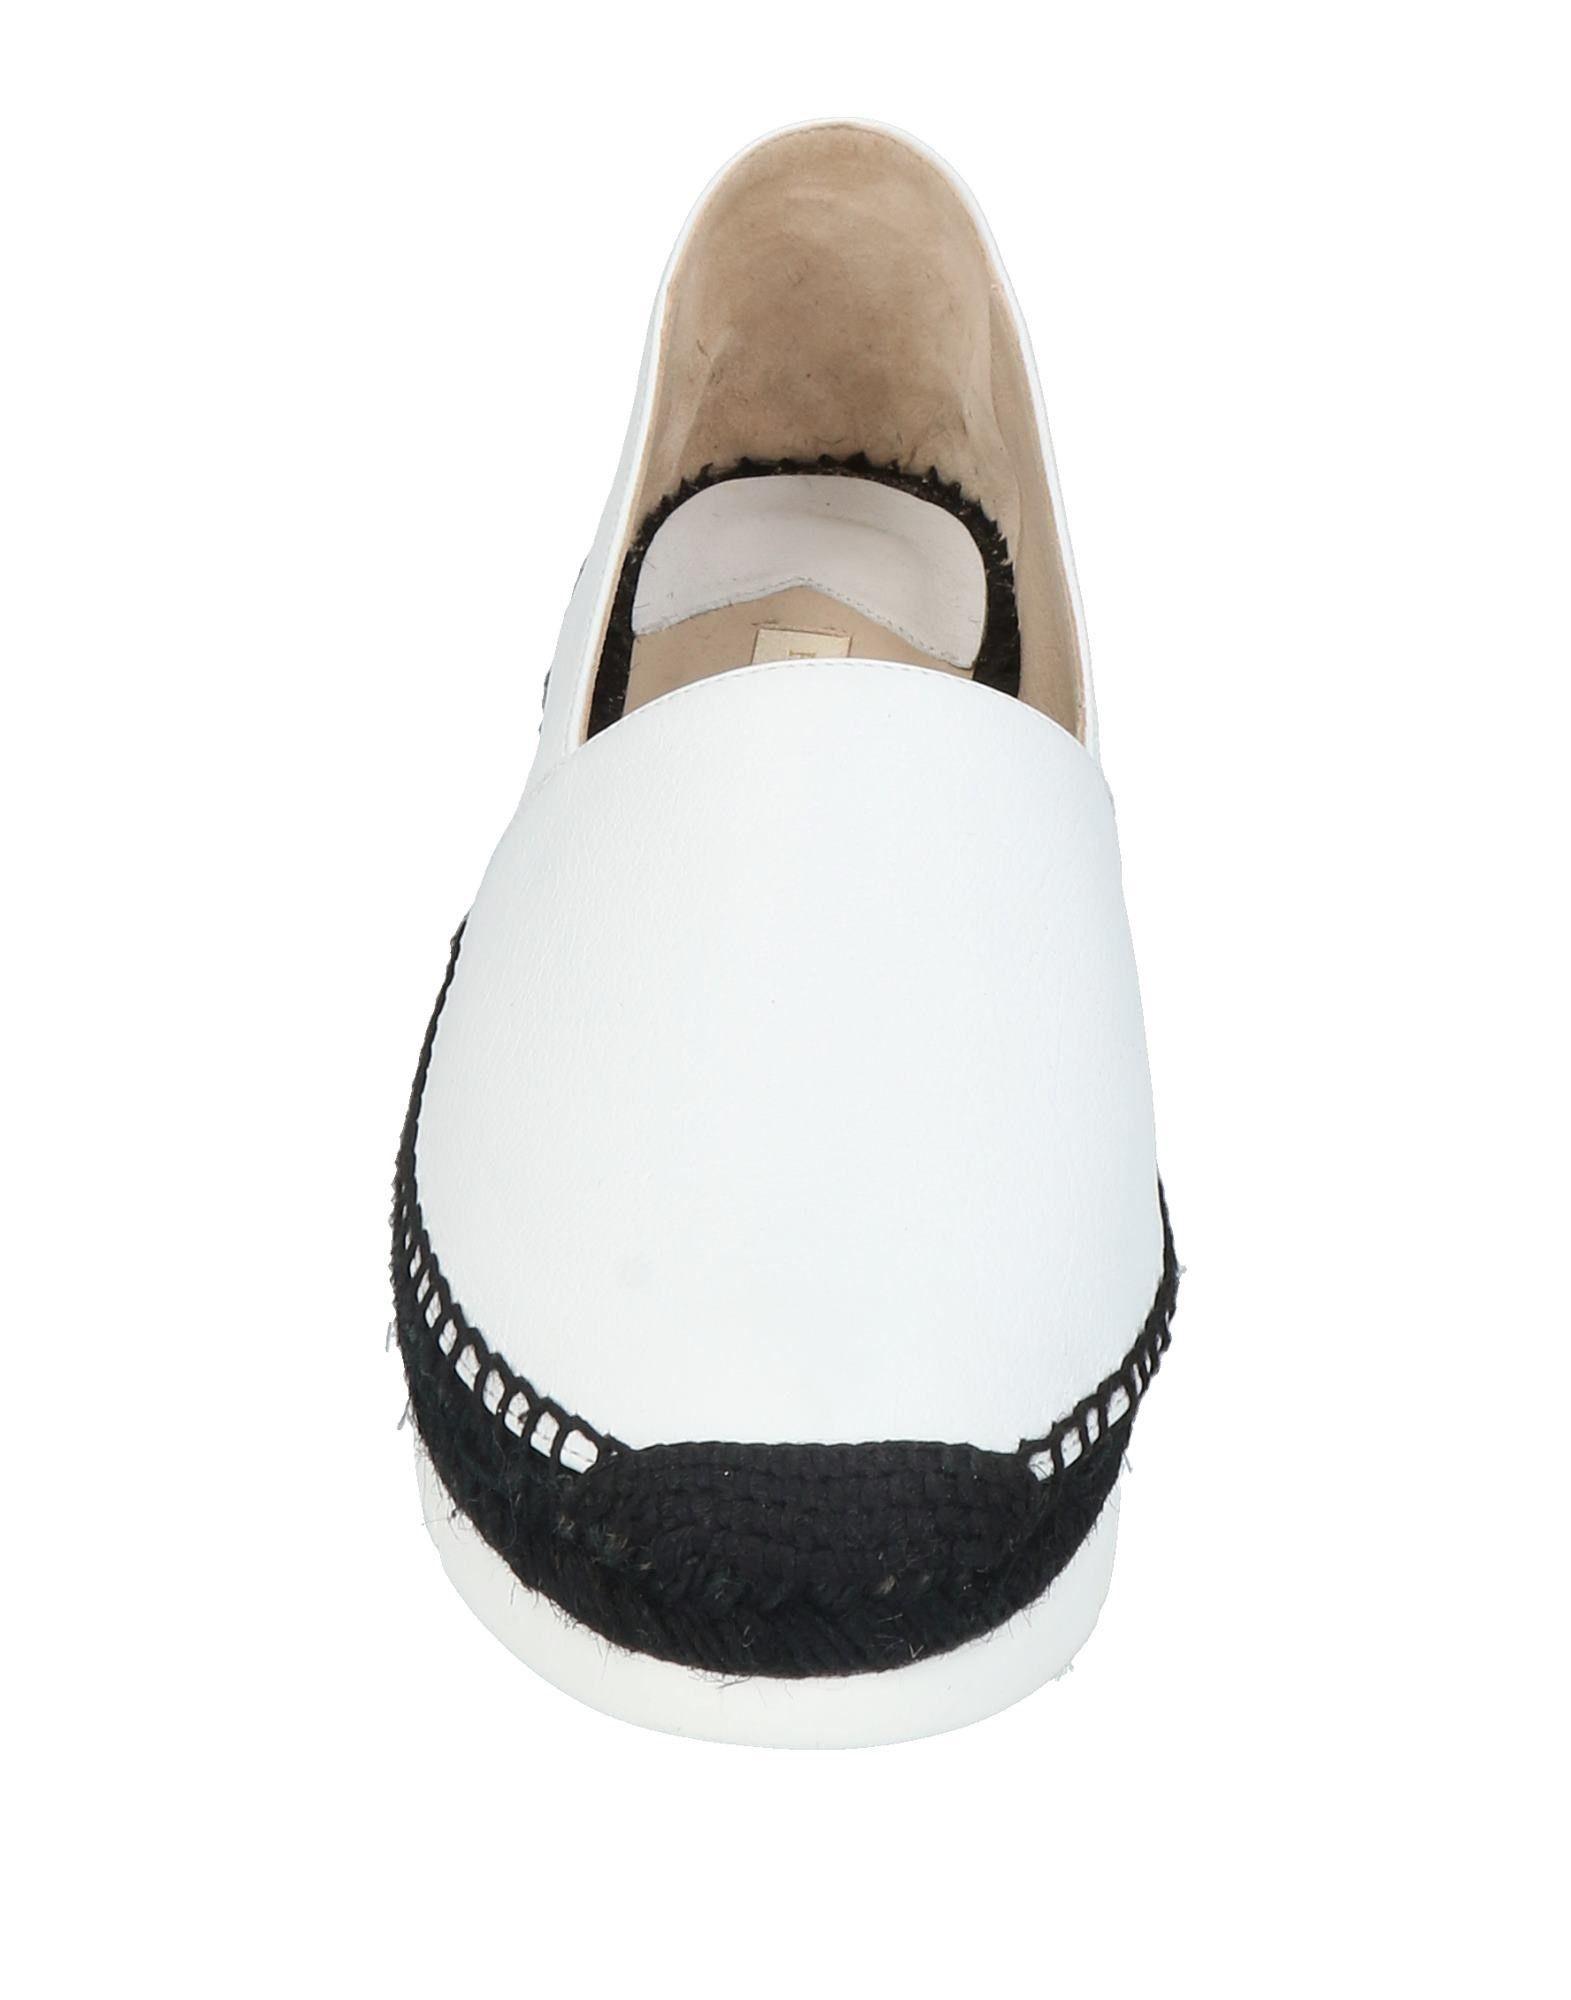 Manuel beliebte Barceló Espadrilles Damen  11430355PP Gute Qualität beliebte Manuel Schuhe 44d00a